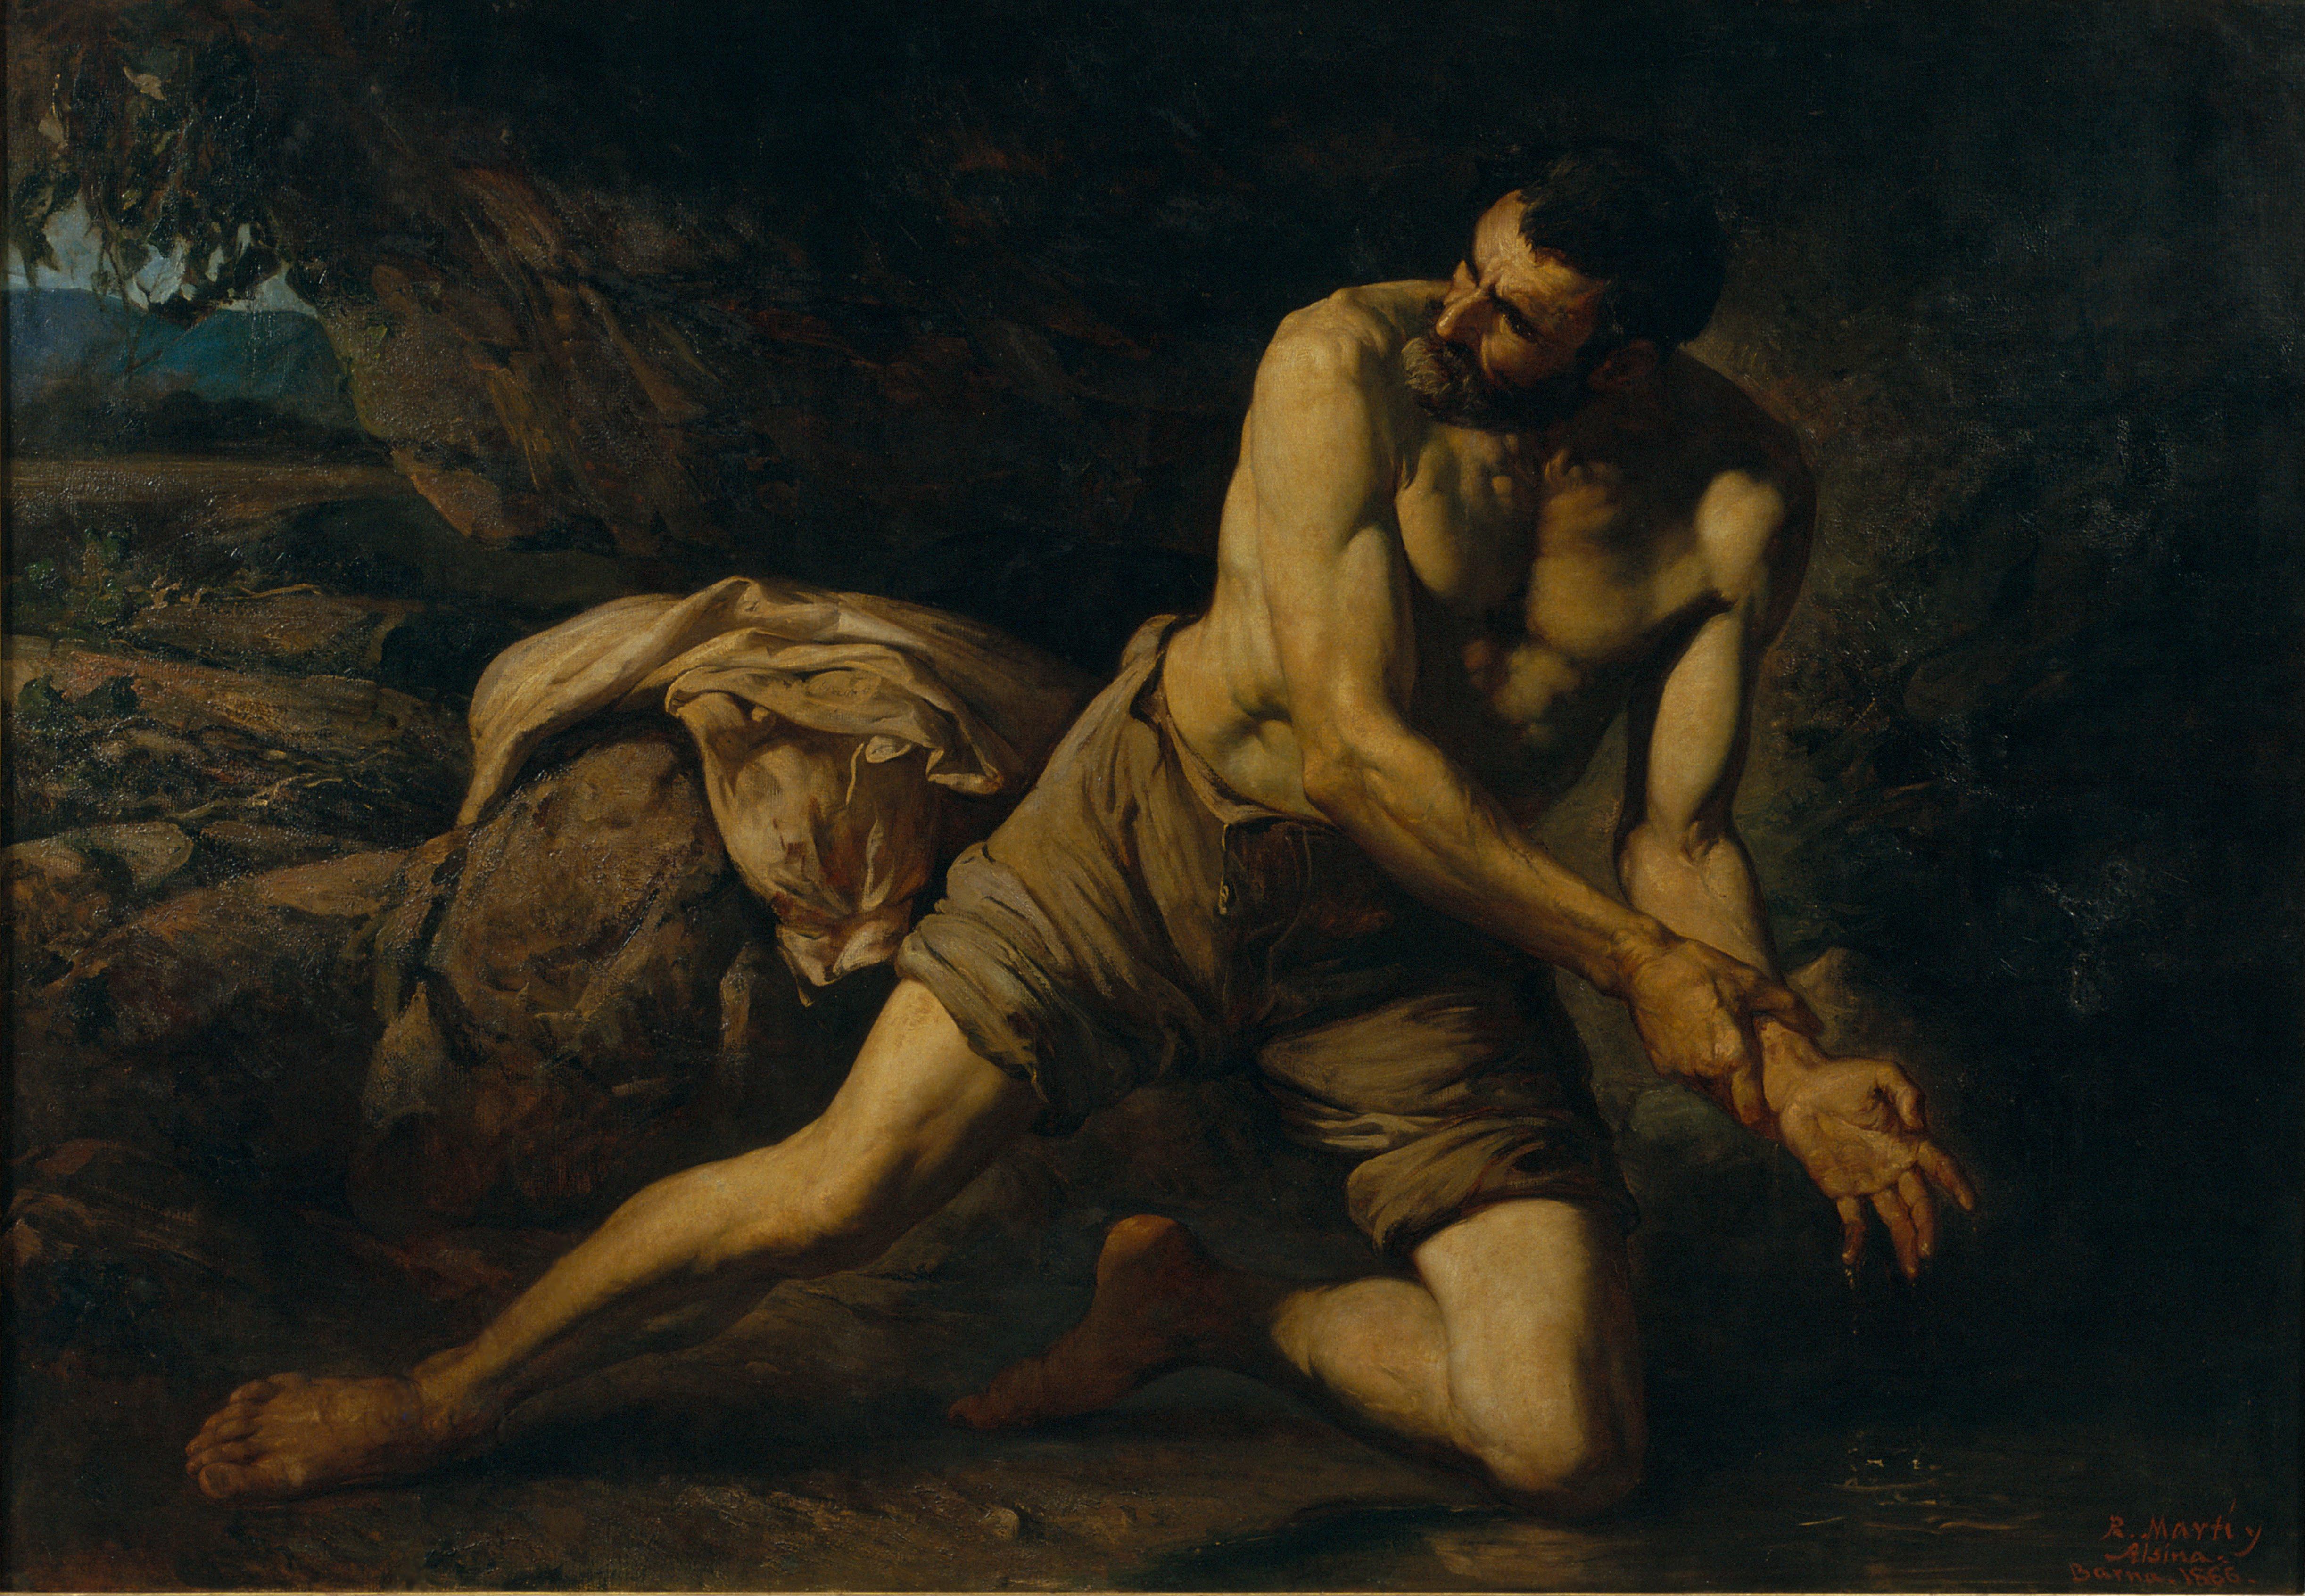 Ramon Martí i Alsina - La Mancha del Crimen (The Mark of the Crime or The Criminal) - 1866, oil on canvas